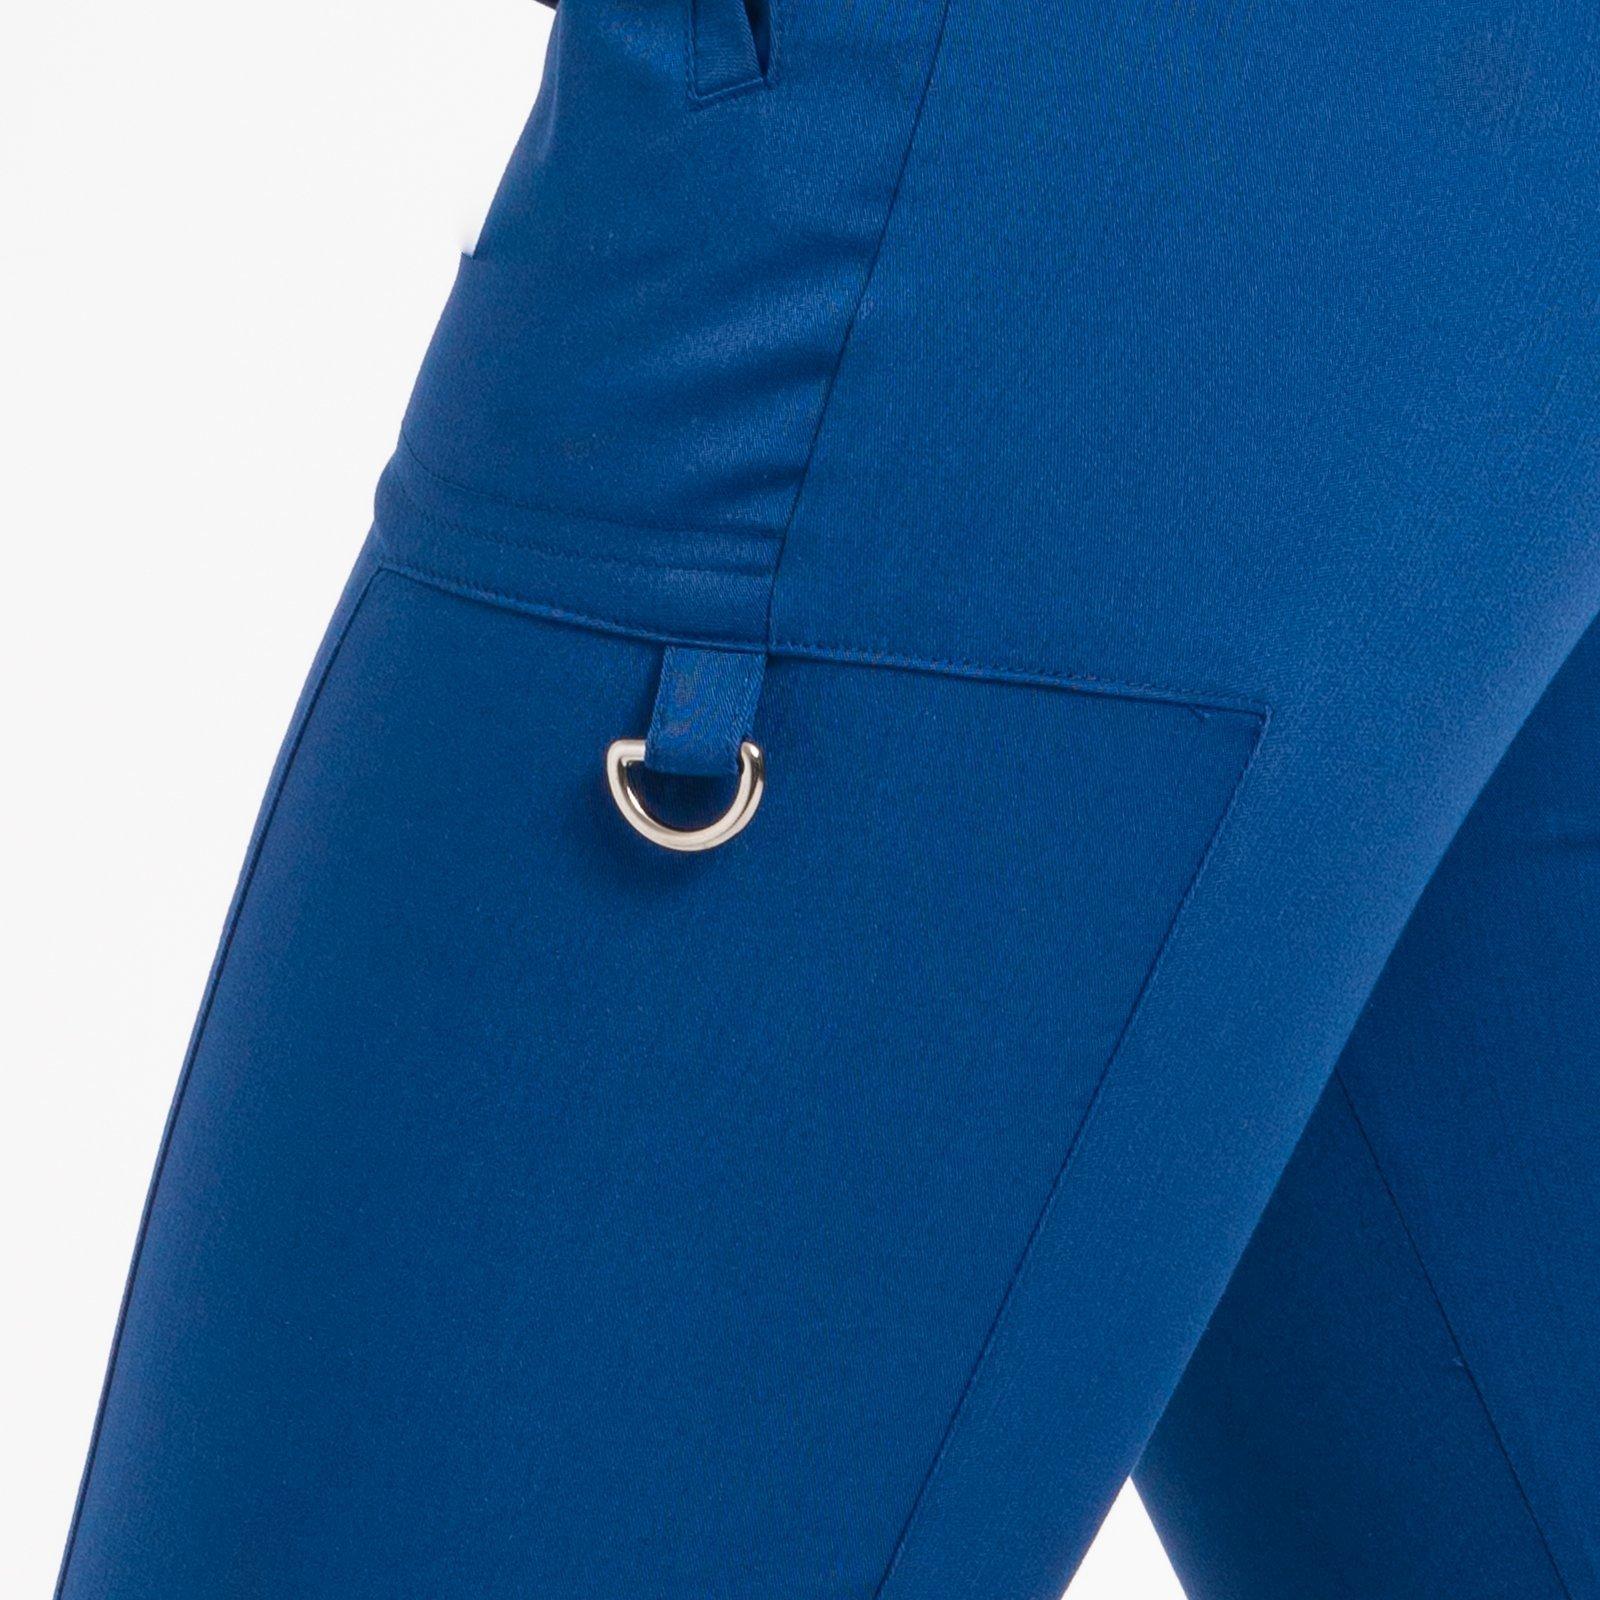 9d4acfa1 Spodnie medyczne damskie Barco Grey's Anatomy Stretch GRSP500 New Royal